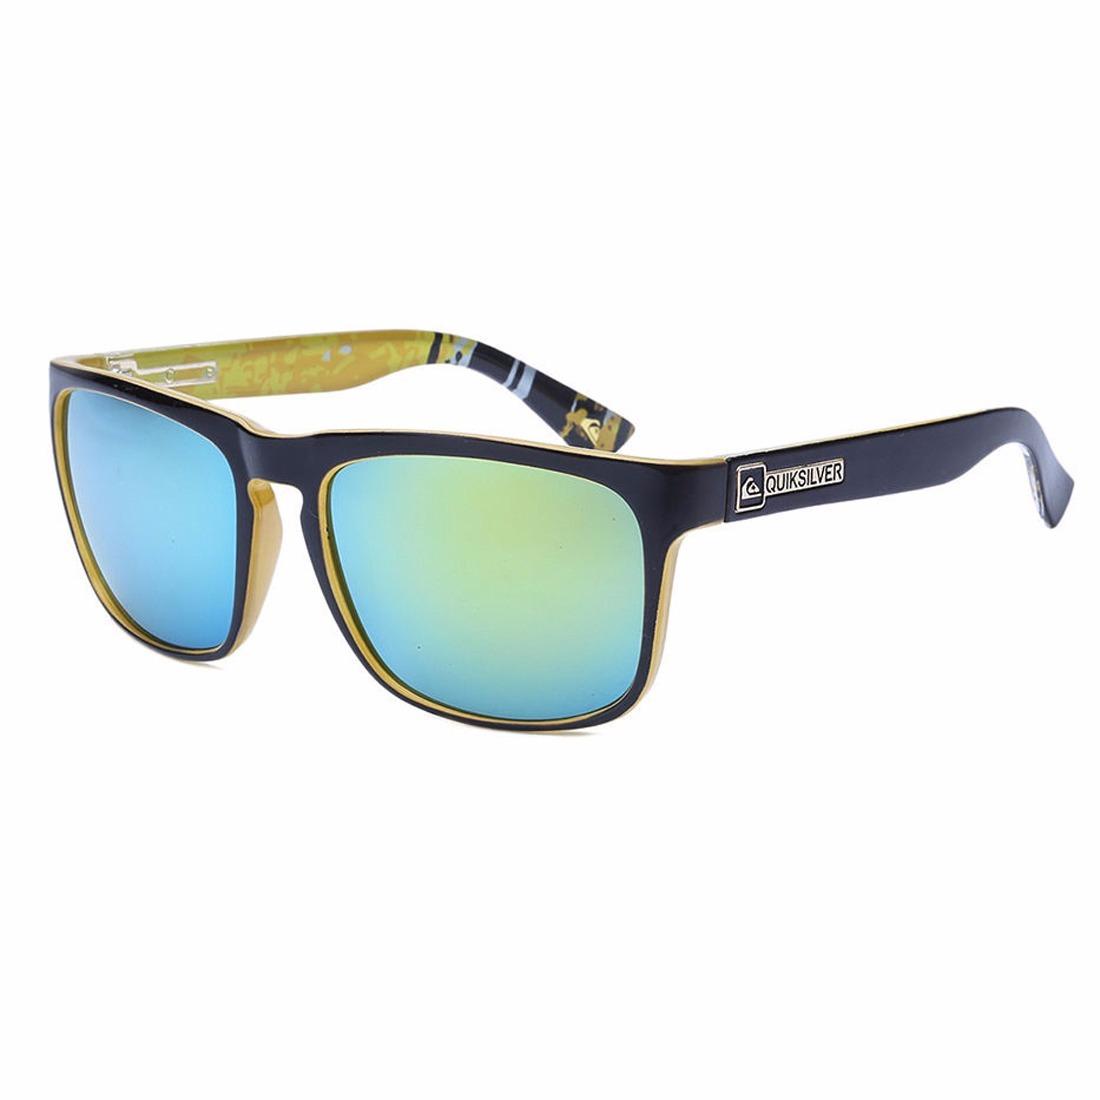 ae5ce9b5e8661 Óculos Quiksilver De Sol The Ferris Masculino Proteção Uv400 - R ...